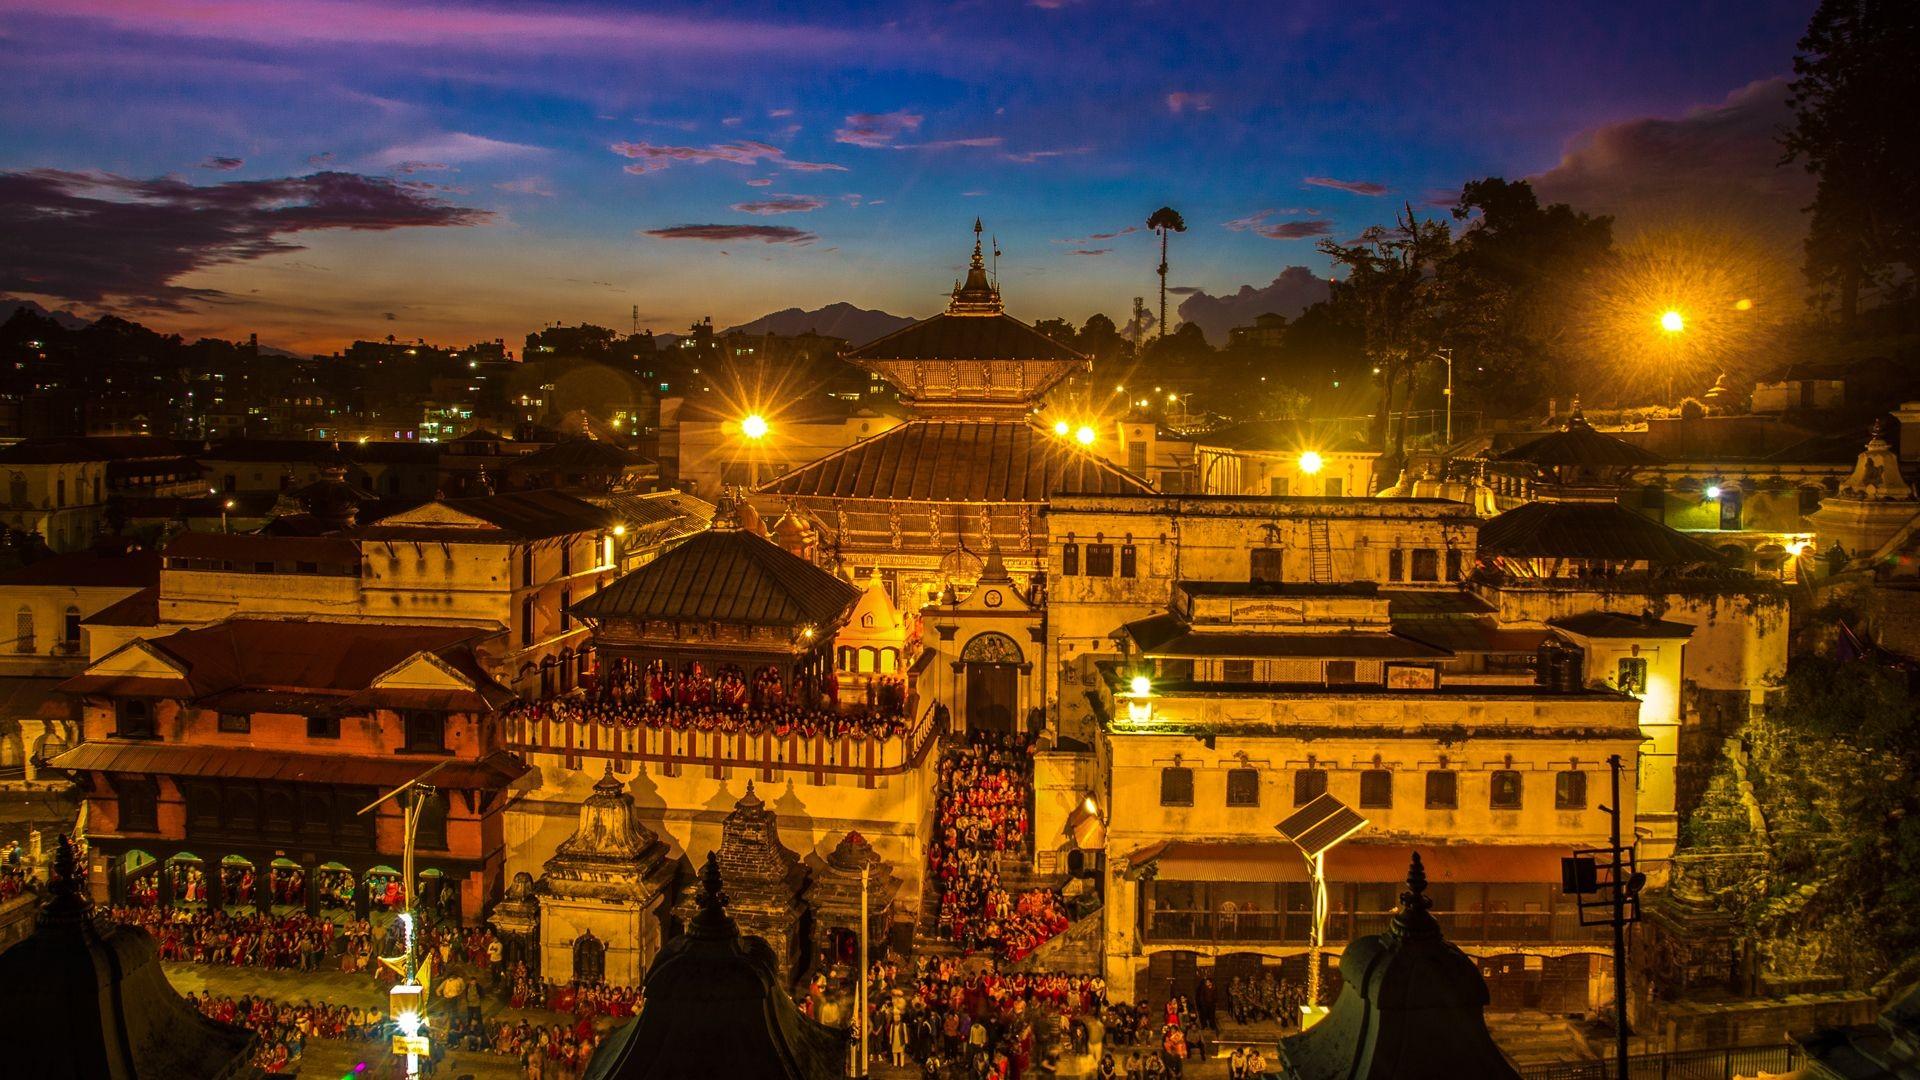 Pasupatinath Temple